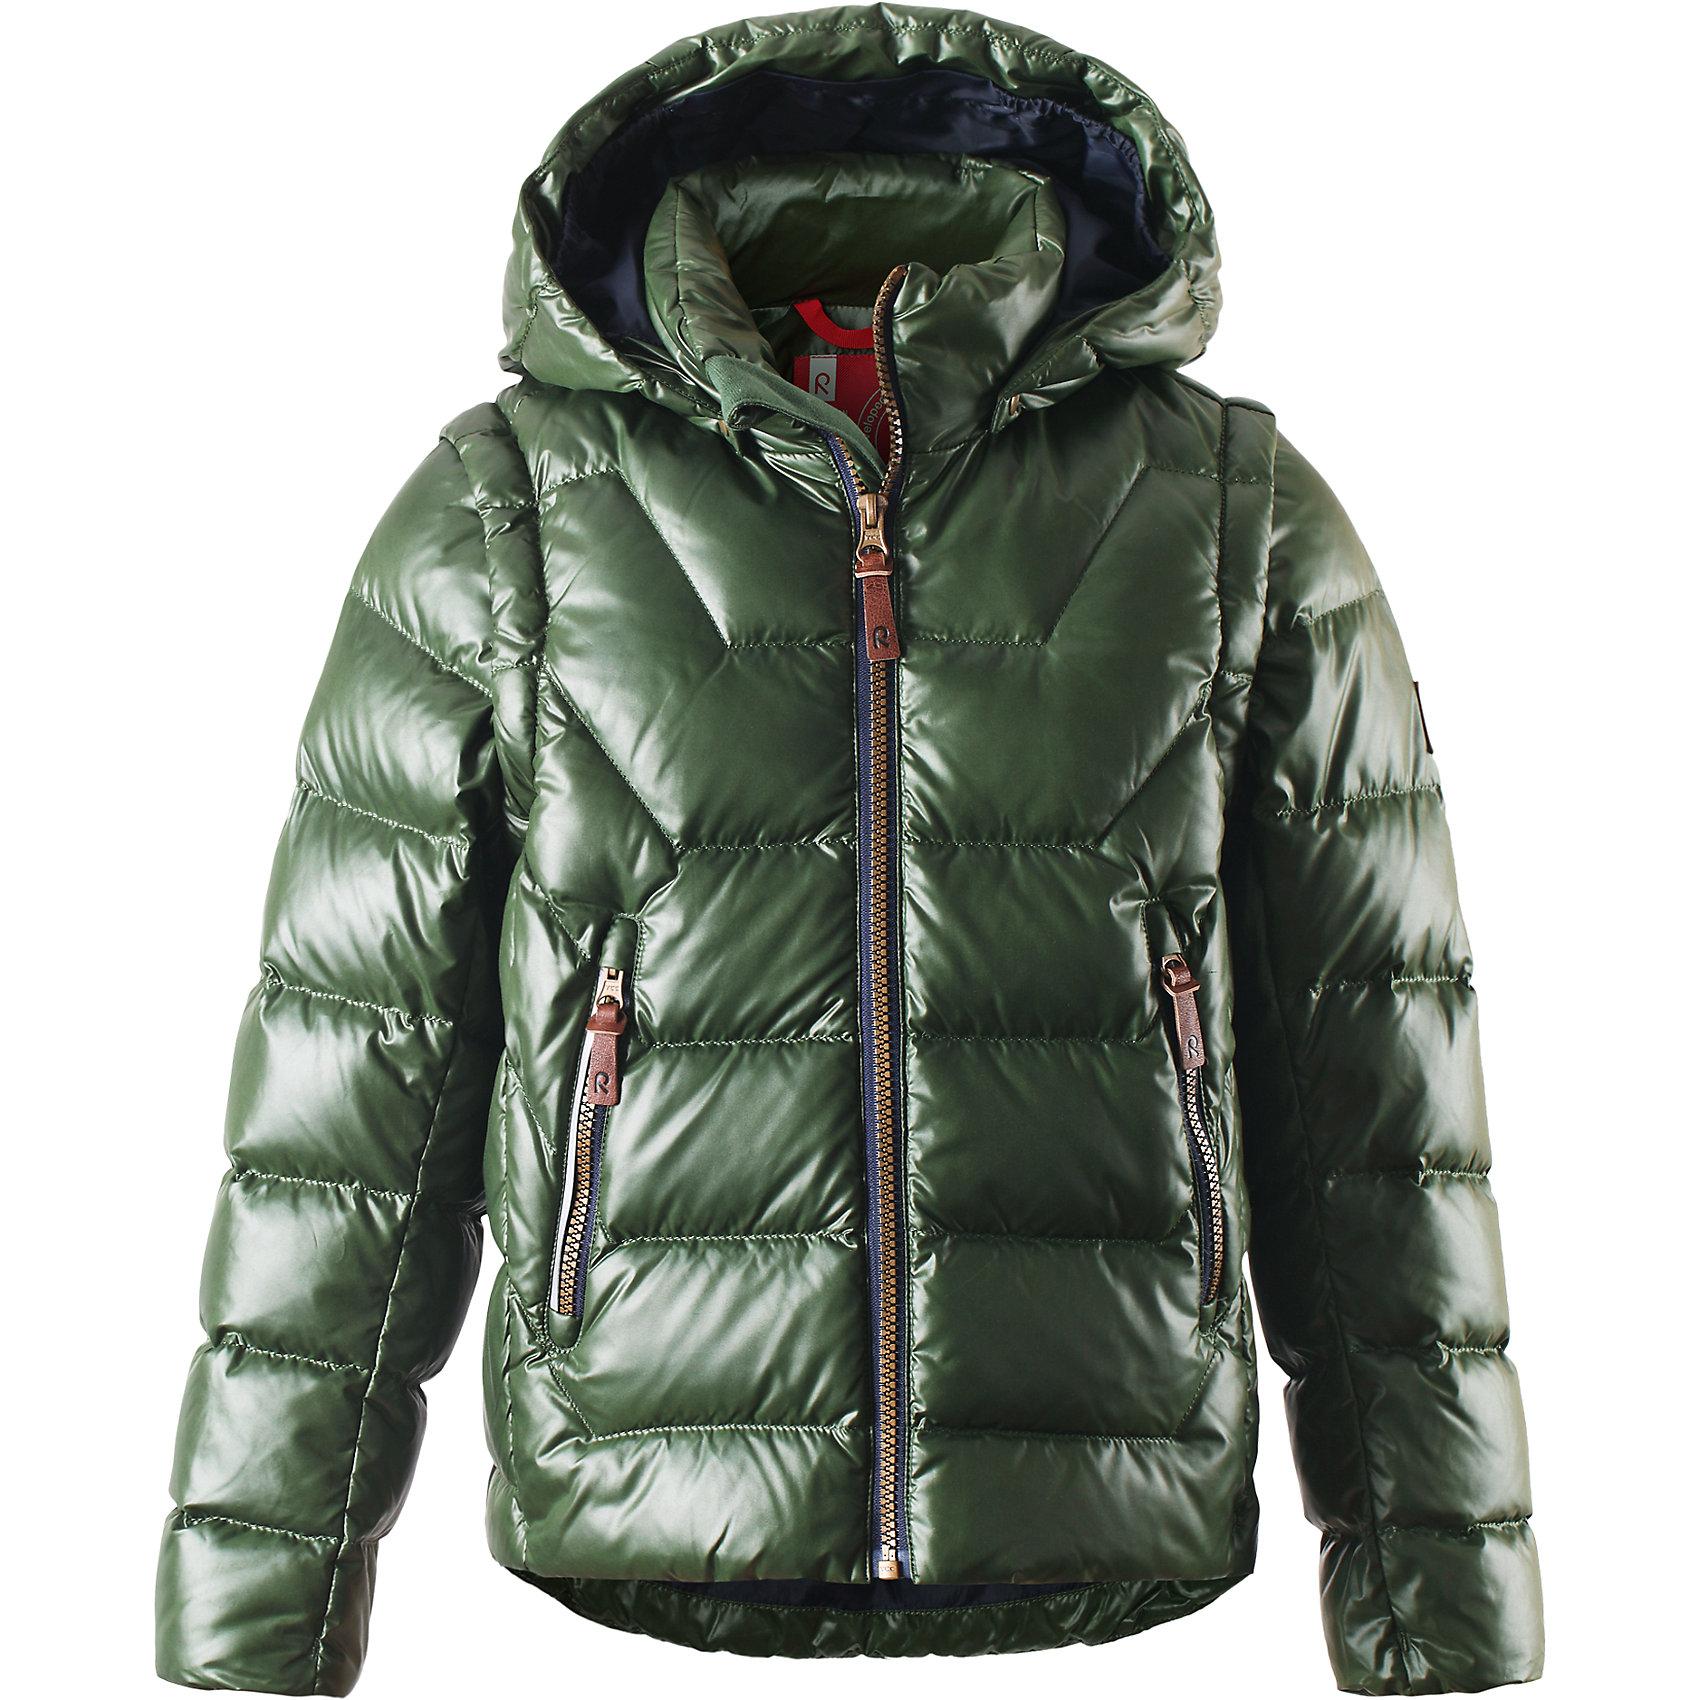 Куртка Spruce для мальчика ReimaКуртка для мальчика Reima<br>Пуховая куртка для подростков . Водоотталкивающий, ветронепроницаемый, «дышащий» и грязеотталкивающий материал. Гладкая подкладка из полиэстра. В качестве утеплителя использованы пух и перо (60%/40%). Безопасный, съемный капюшон. Эластичные манжеты. Отстегивающиеся рукава на молнии. Эластичная кромка подола. Два кармана на молнии. Безопасные светоотражающие детали.<br>Уход:<br>Стирать по отдельности, вывернув наизнанку. Застегнуть молнии и липучки. Стирать моющим средством, не содержащим отбеливающие вещества. Полоскать без специального средства. Во избежание изменения цвета изделие необходимо вынуть из стиральной машинки незамедлительно после окончания программы стирки. Барабанное сушение при низкой температуре с 3 теннисными мячиками. Выверните изделие наизнанку в середине сушки.<br>Состав:<br>100% Полиэстер<br><br>Ширина мм: 356<br>Глубина мм: 10<br>Высота мм: 245<br>Вес г: 519<br>Цвет: зеленый<br>Возраст от месяцев: 84<br>Возраст до месяцев: 96<br>Пол: Мужской<br>Возраст: Детский<br>Размер: 128,134,122,116,140,164,146,158,152<br>SKU: 4778165